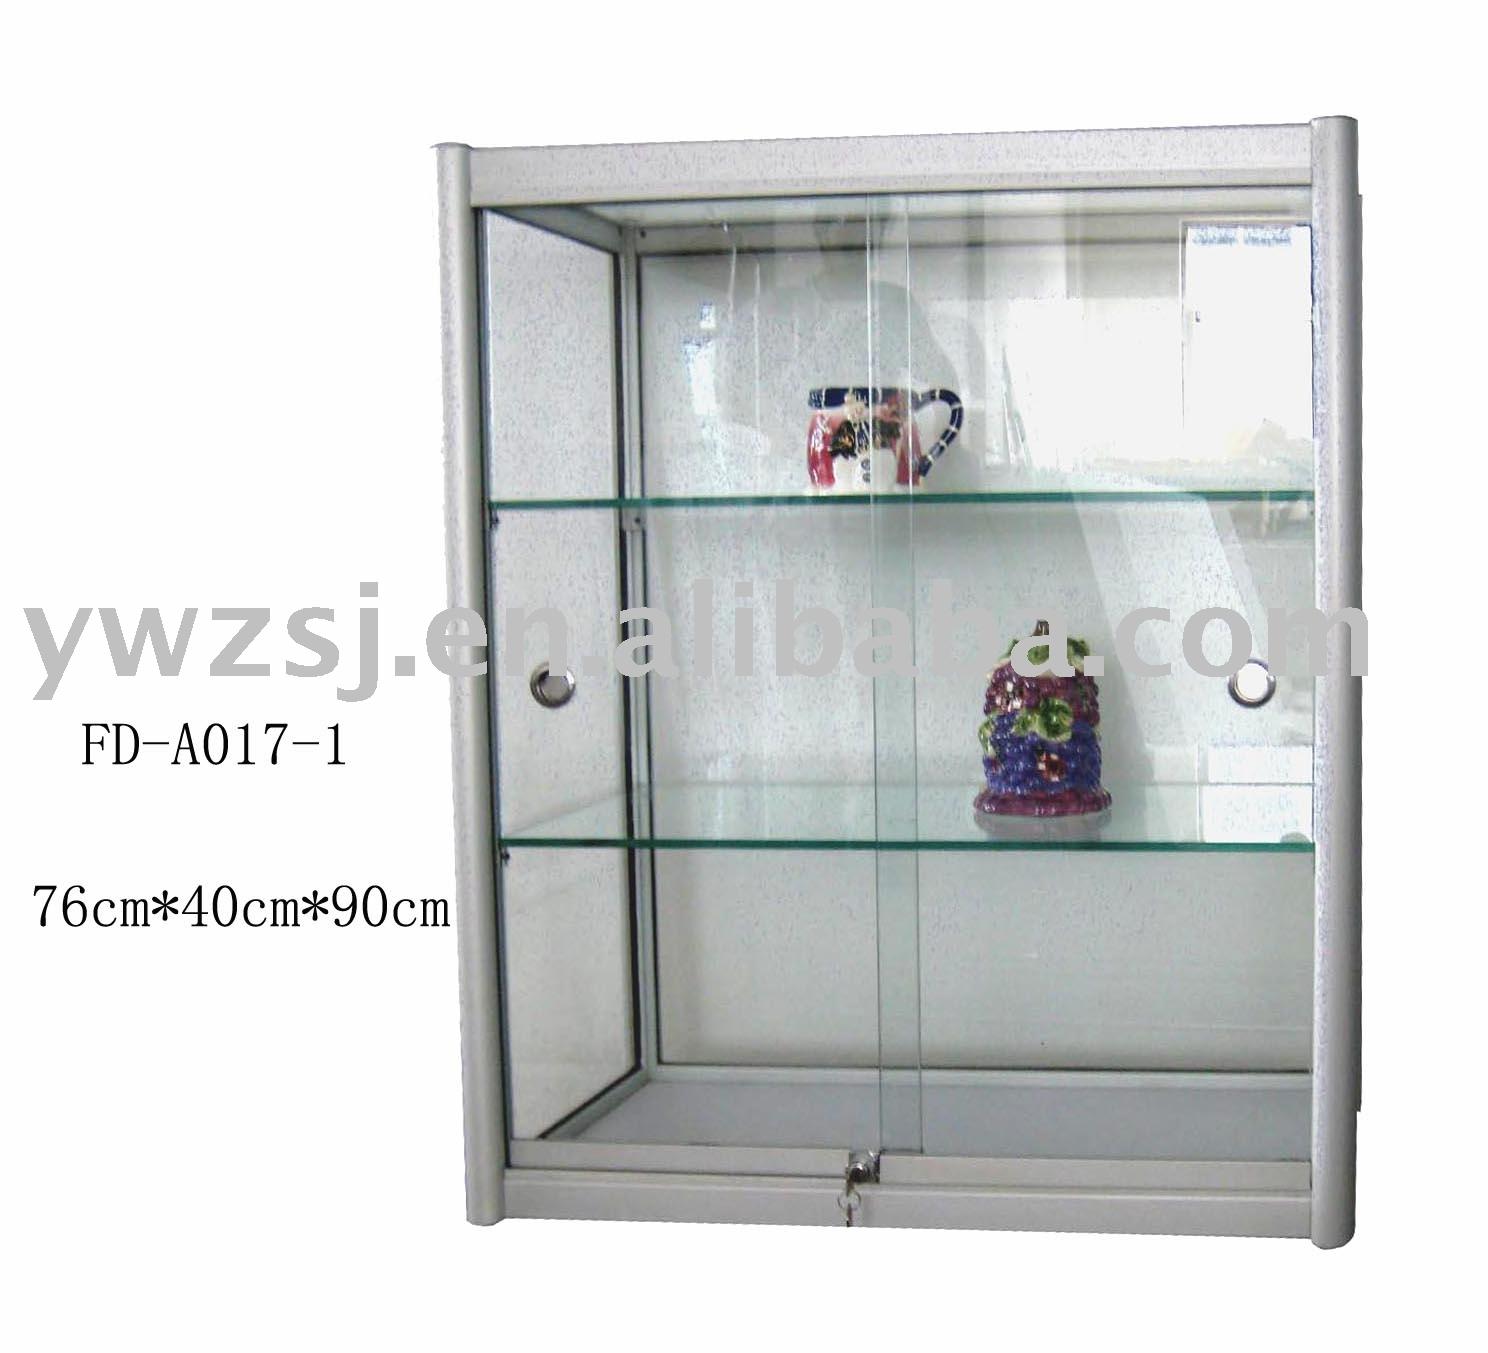 Display Cabinet Sliding Glass Door HardwareDisplay Cabinet Sliding Glass Door Hardware